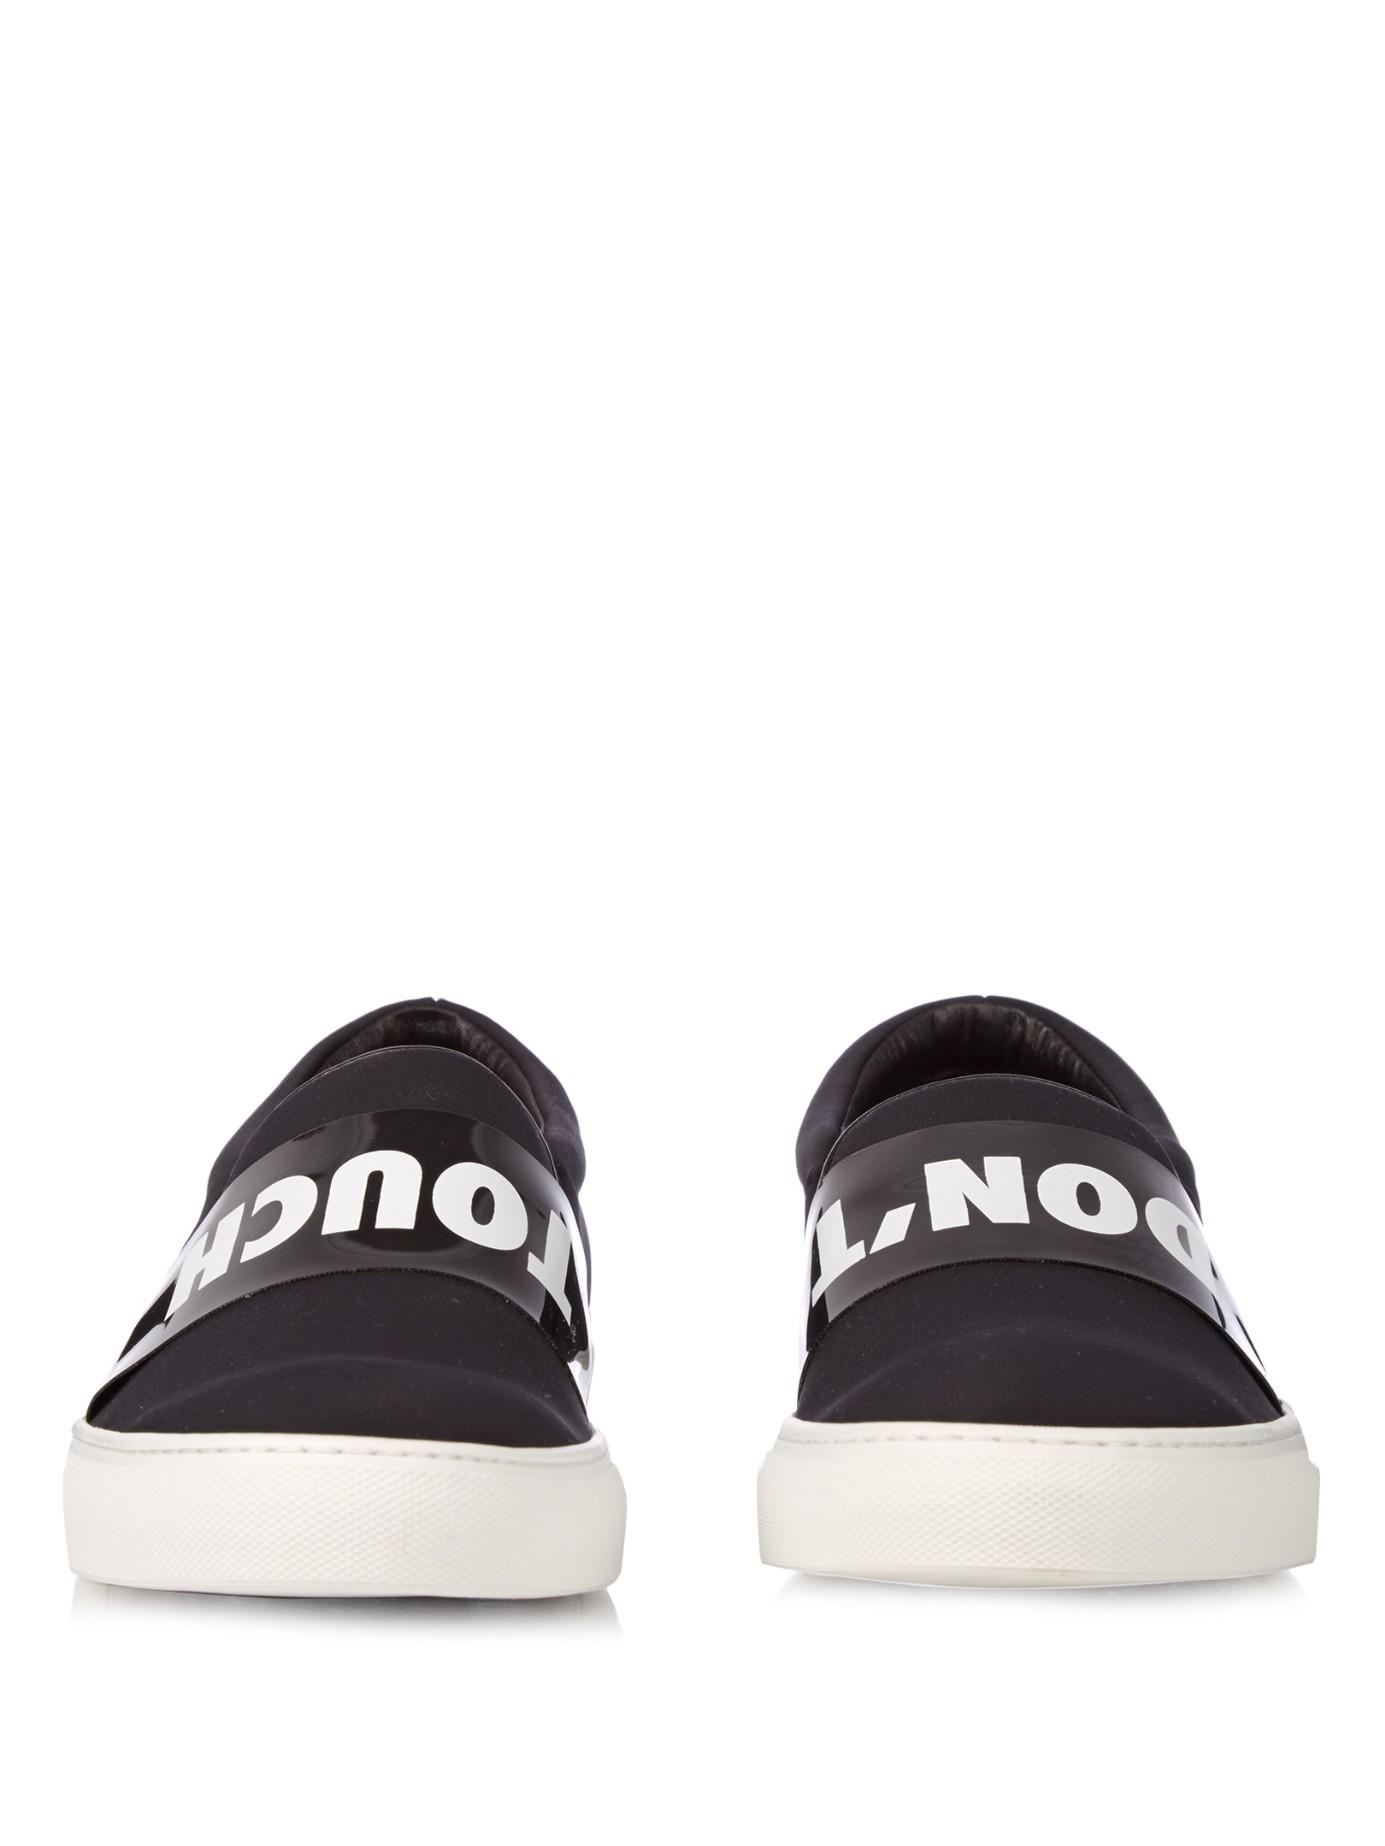 Joshua Sanders Don't Touch Neoprene Slip-On Sneakers in White for Men